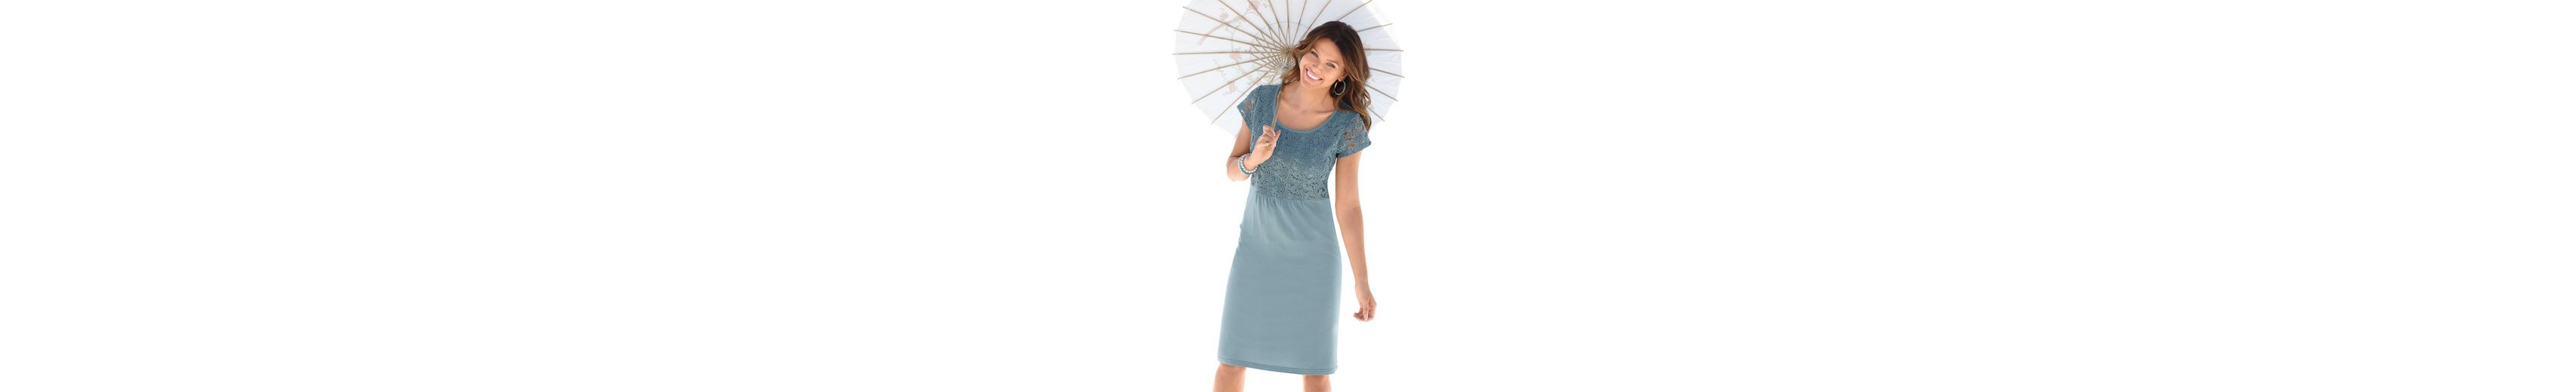 Ambria Kleid mit ausgestelltem Rock Hohe Qualität Günstiger Preis knyBytdR7c